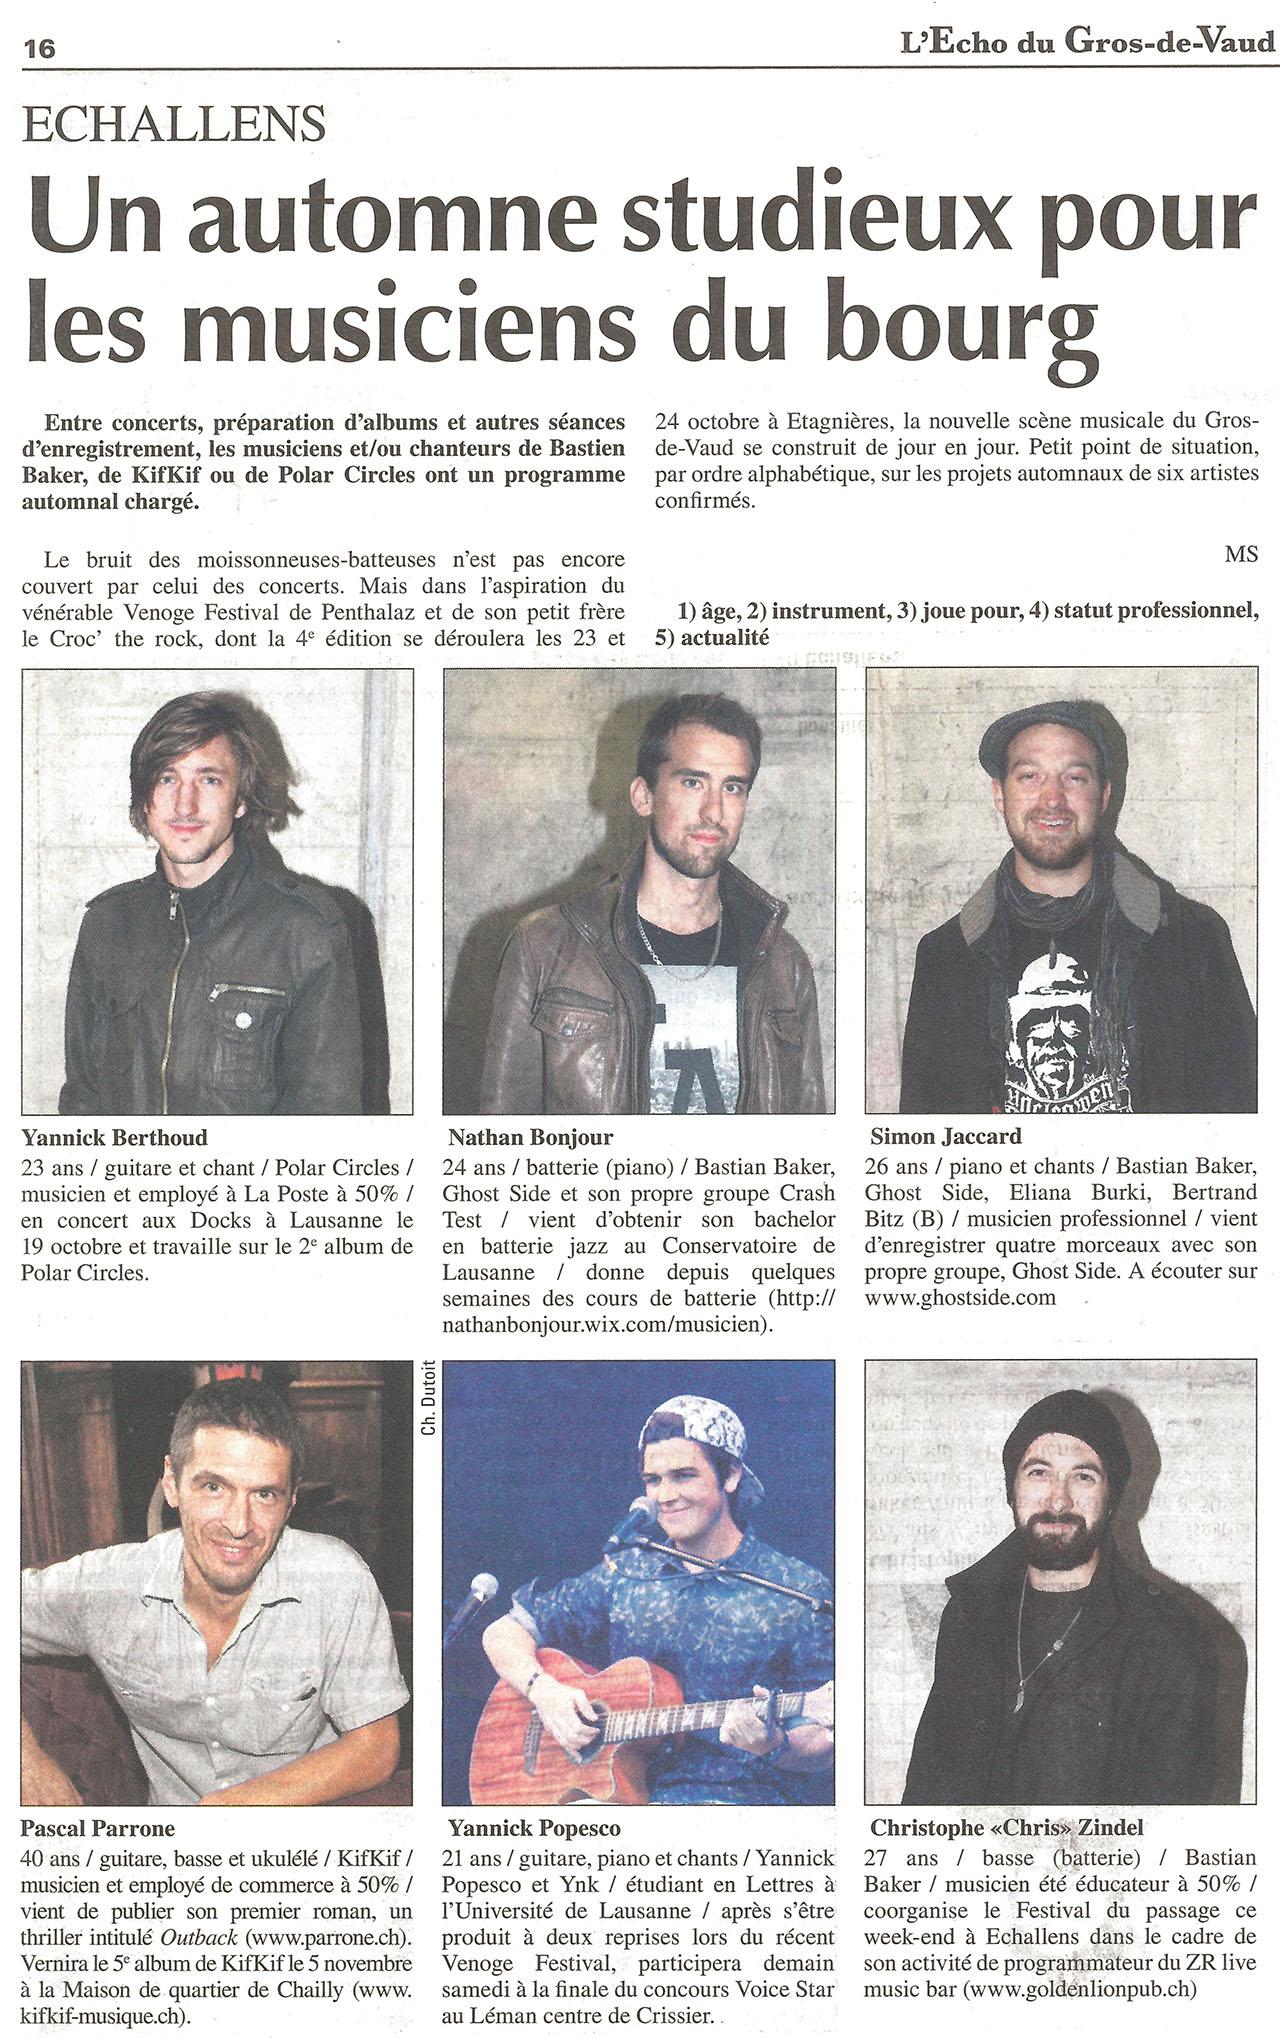 L'Echo du Gros-de-Vaud - Un automne studieux pour les musiciens du Bourg - 02.10.2015